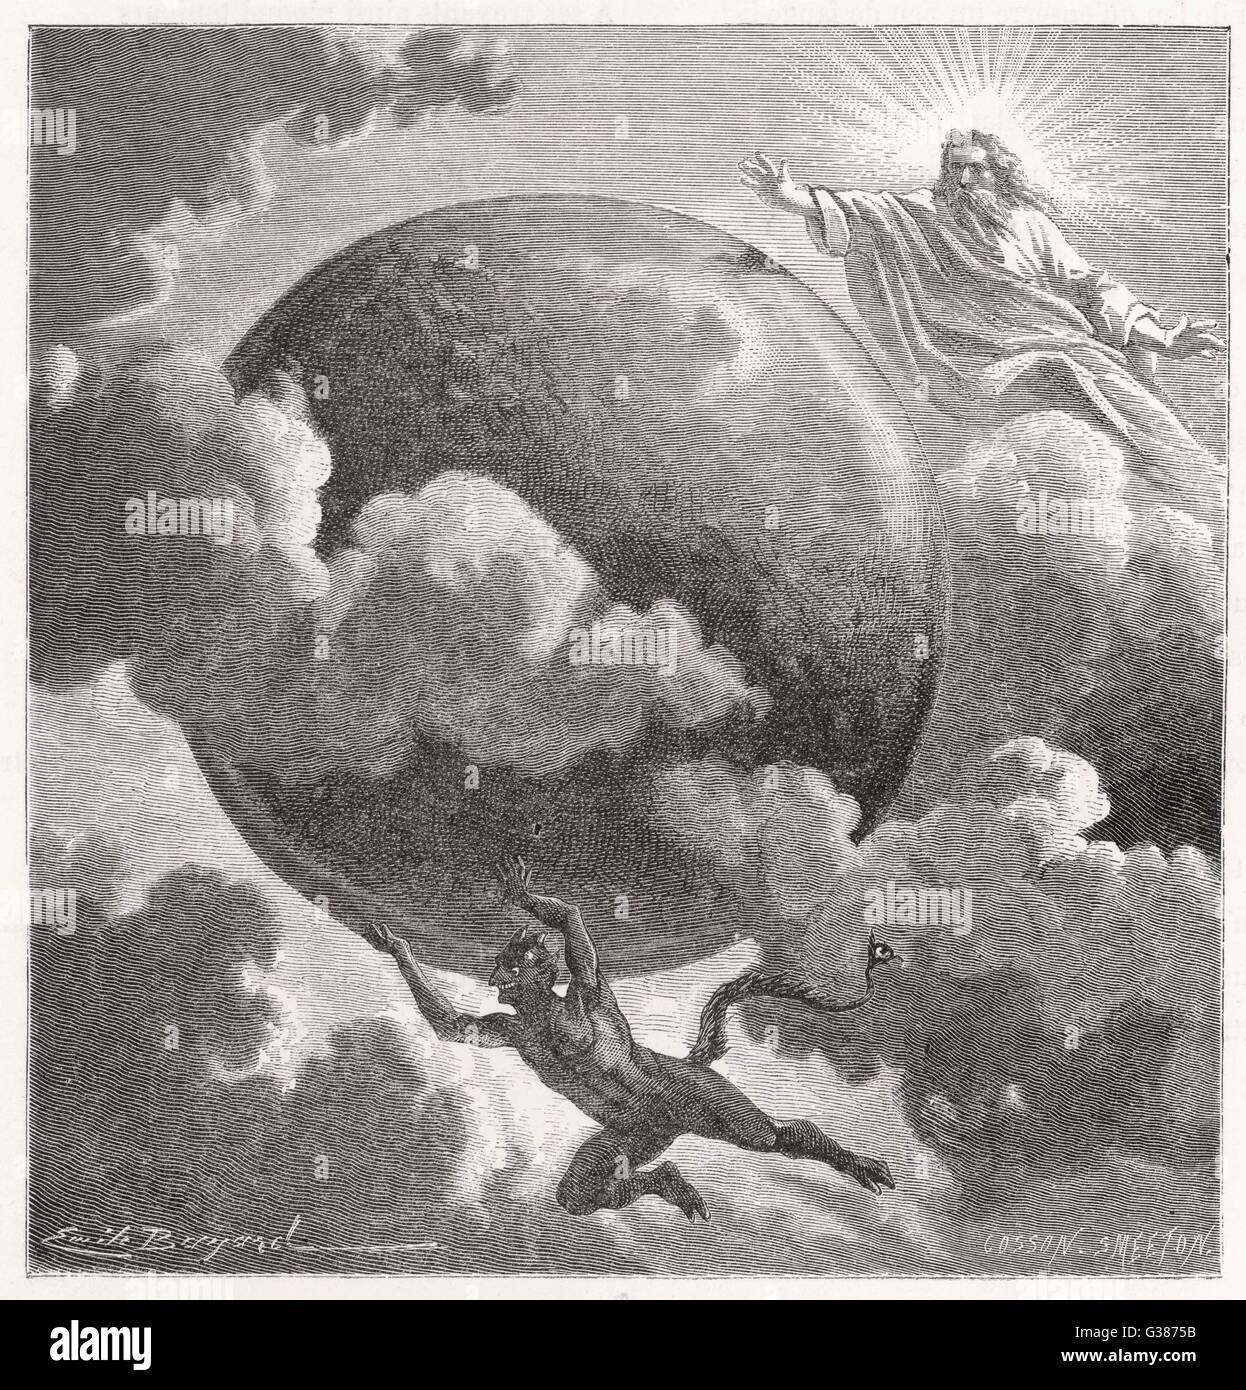 Gut, in Form von Gott, und das Böse in Form des Teufels, die Welt über vorhanden sind Stockbild